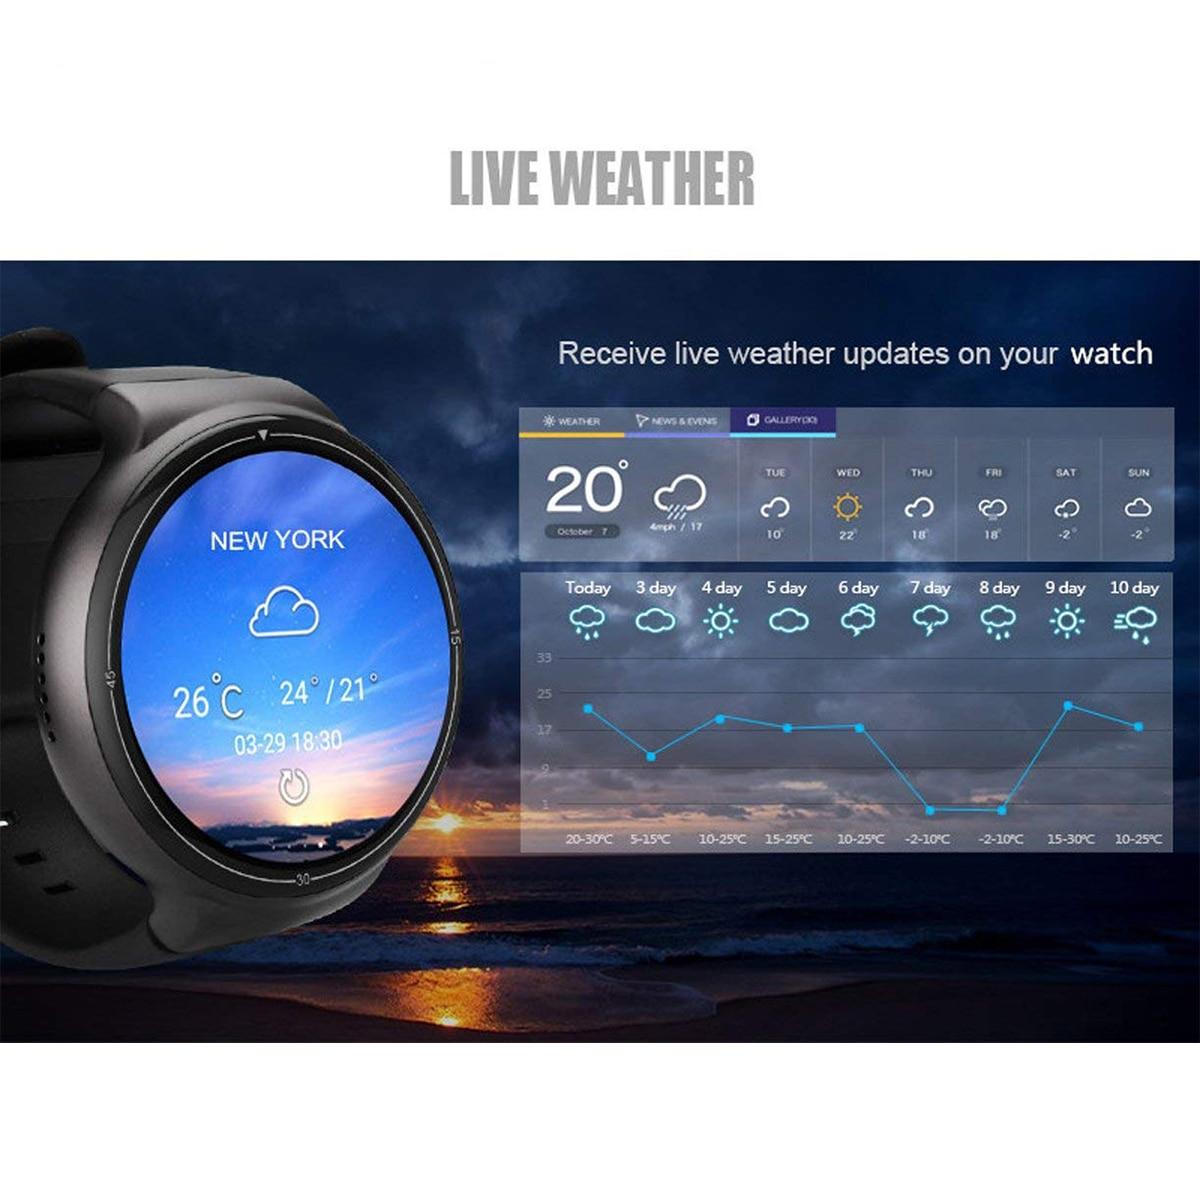 I4 16 2 AR Relógio Inteligente RAM GB ROM GB 3 2MP Câmera Android 5.1G WIFI GPS Google Play monitor De Freqüência Cardíaca Para O Iphone LG Samsung HT - 3